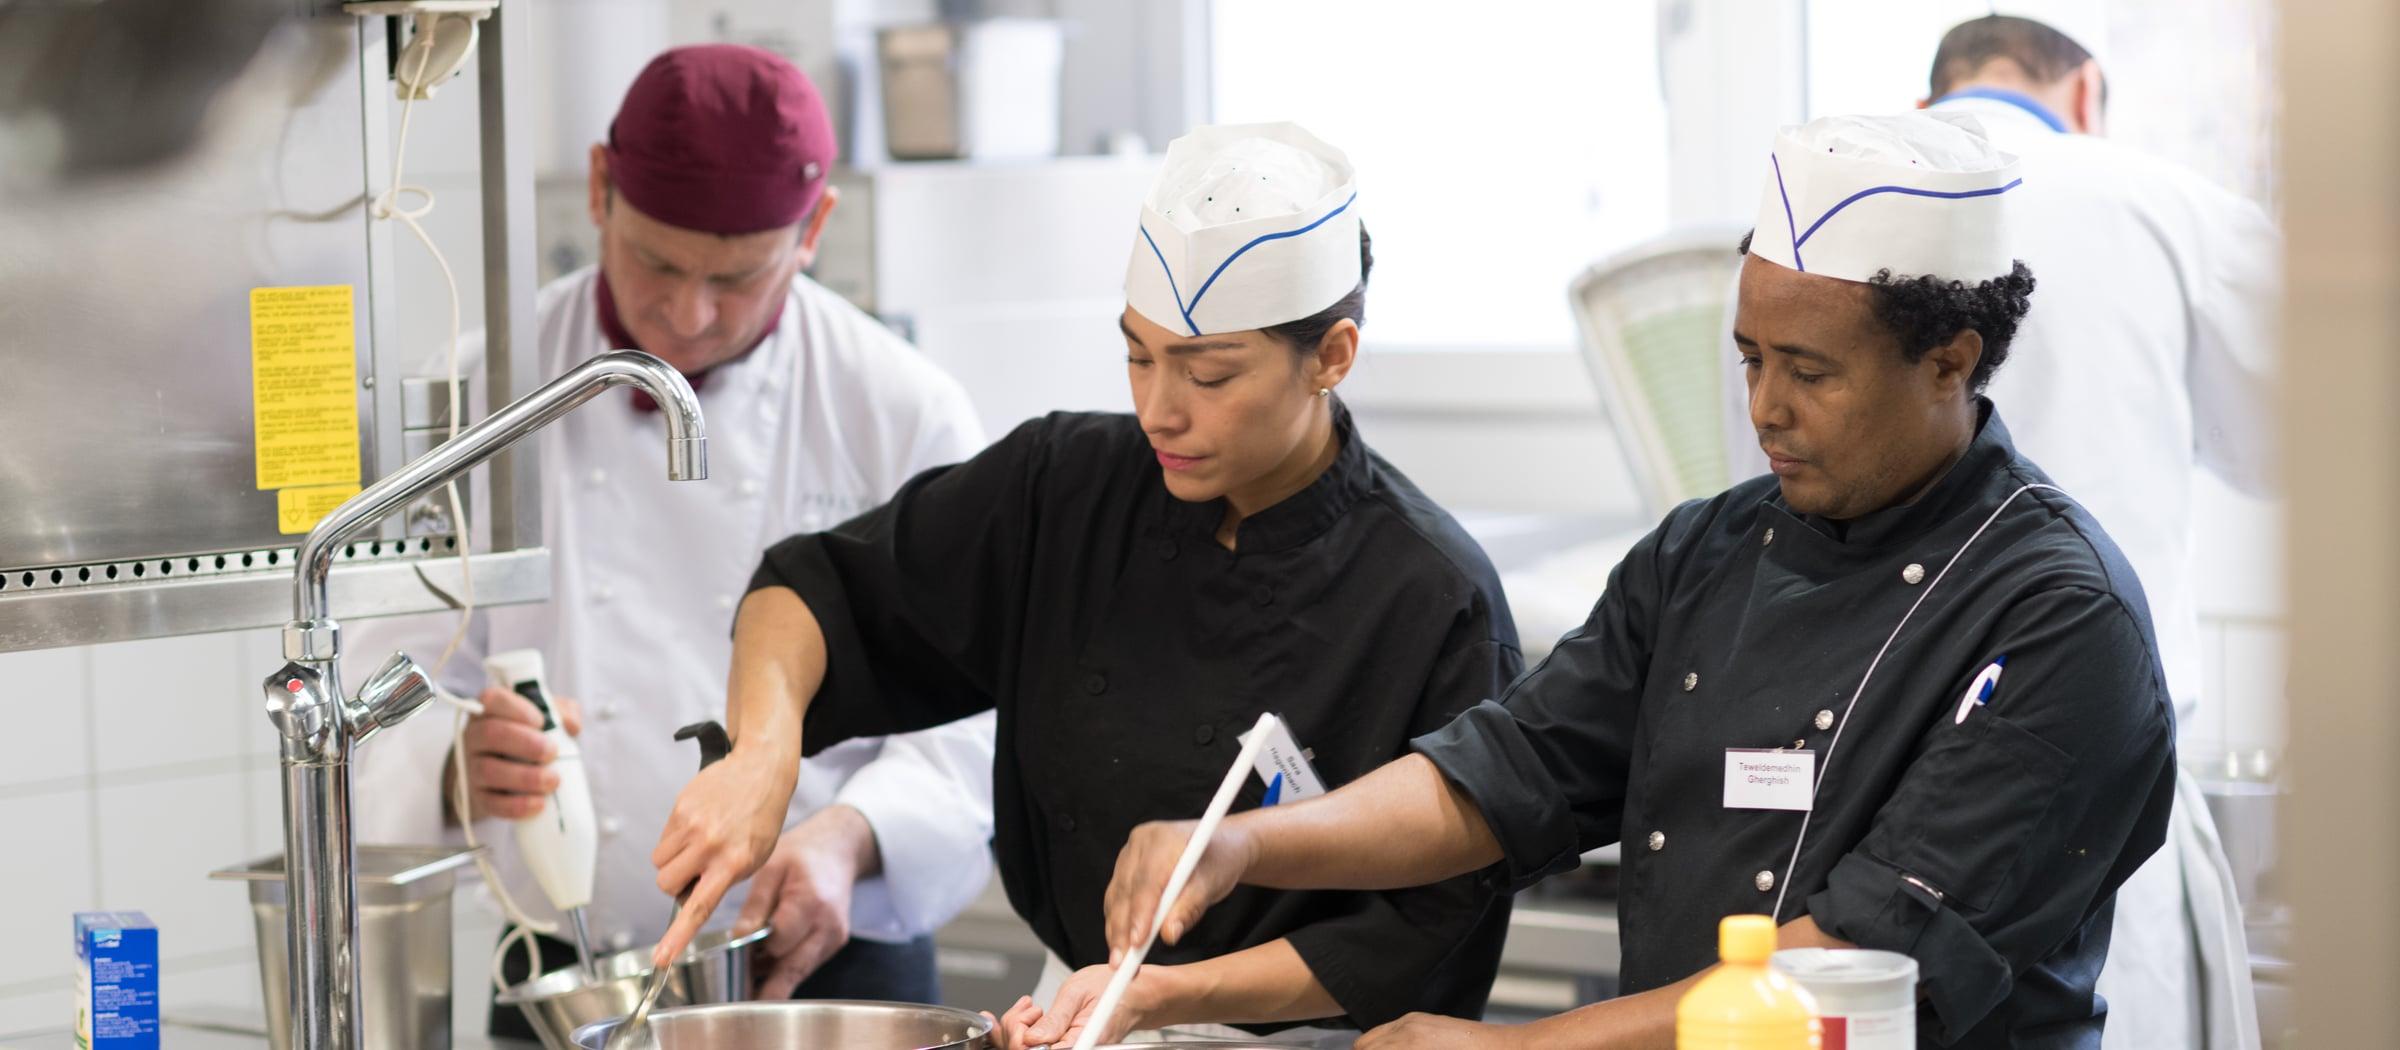 Pistor Inspiration Flüchtlinge in der Gastronomie nicht immer willkommen aber höchst wertvoll Muggenbuehl Riesco 60